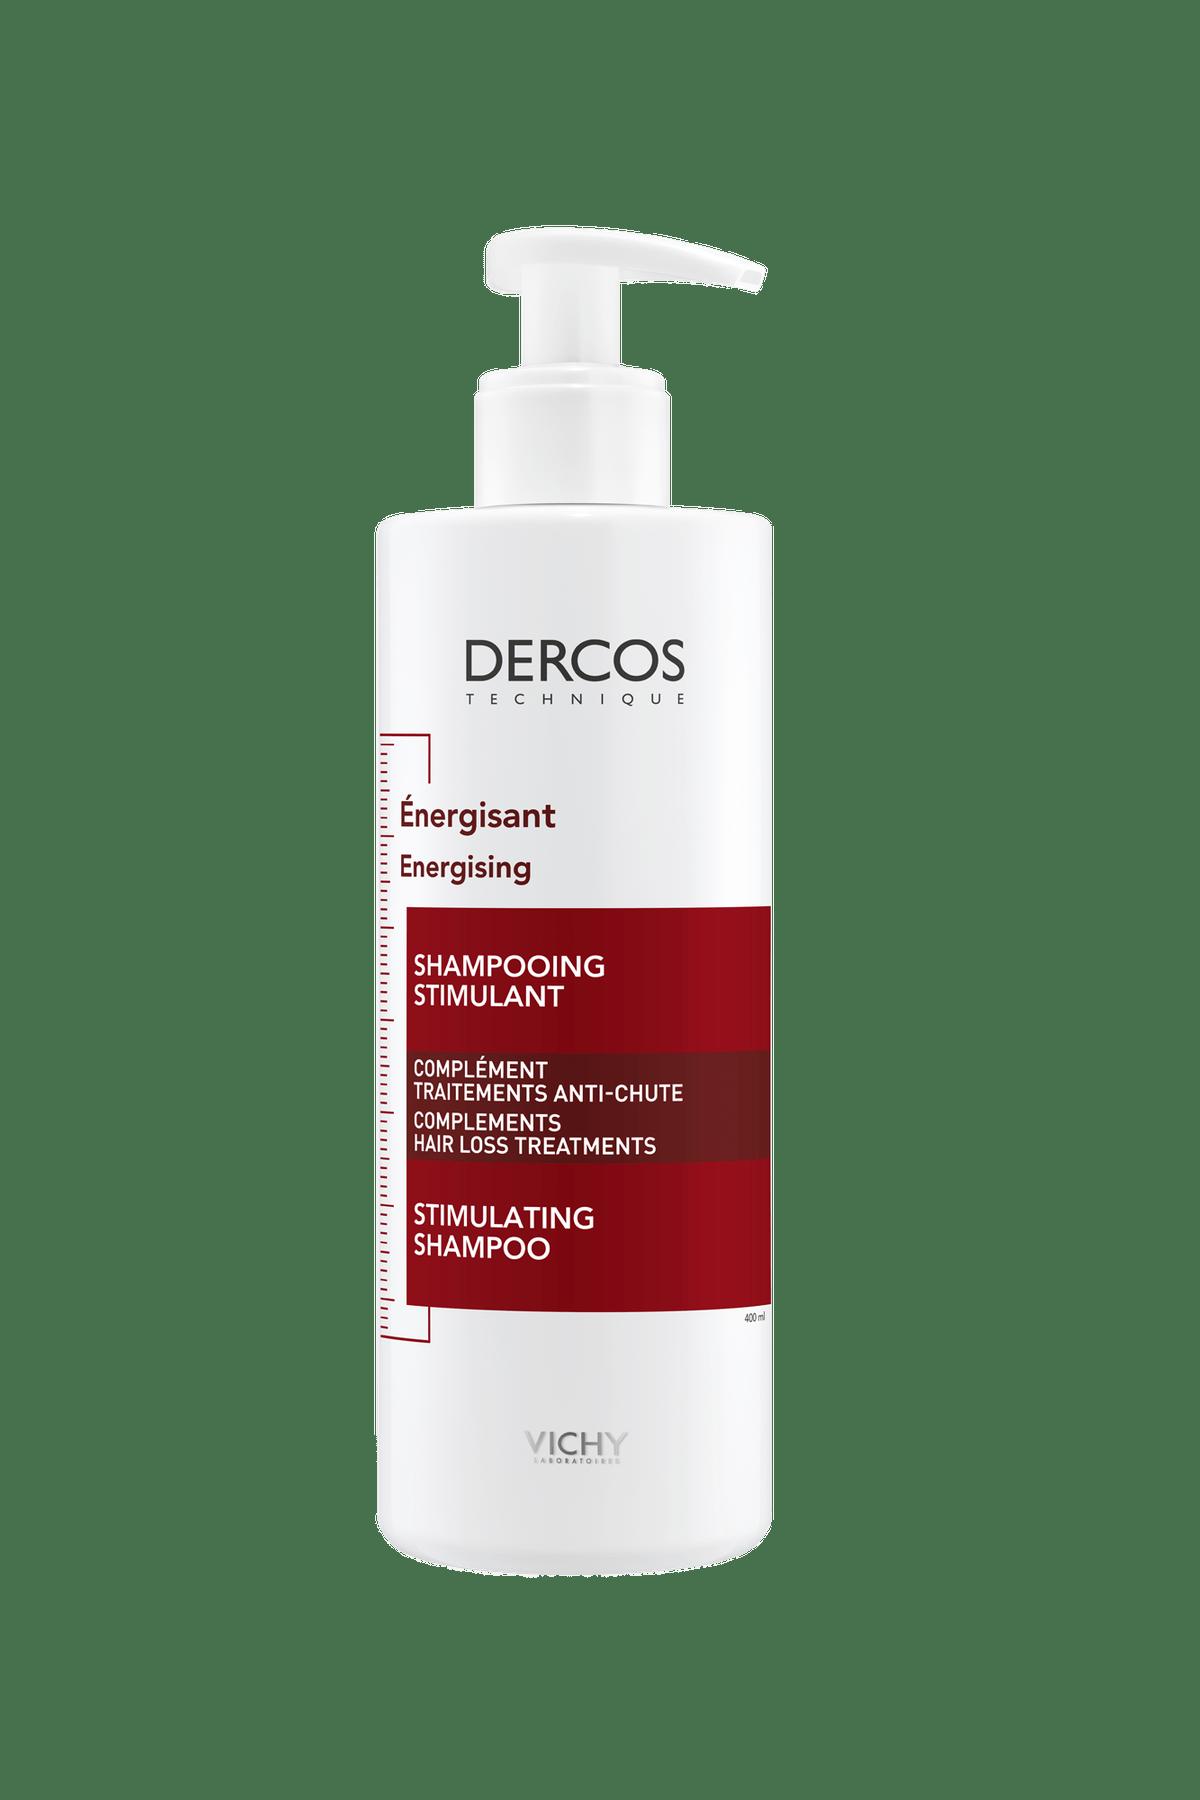 Vichy Dercos Energisant Saç Dökülmesine Karşı Tamamlayıcı Şampuan 390 ml 8690595028057 0